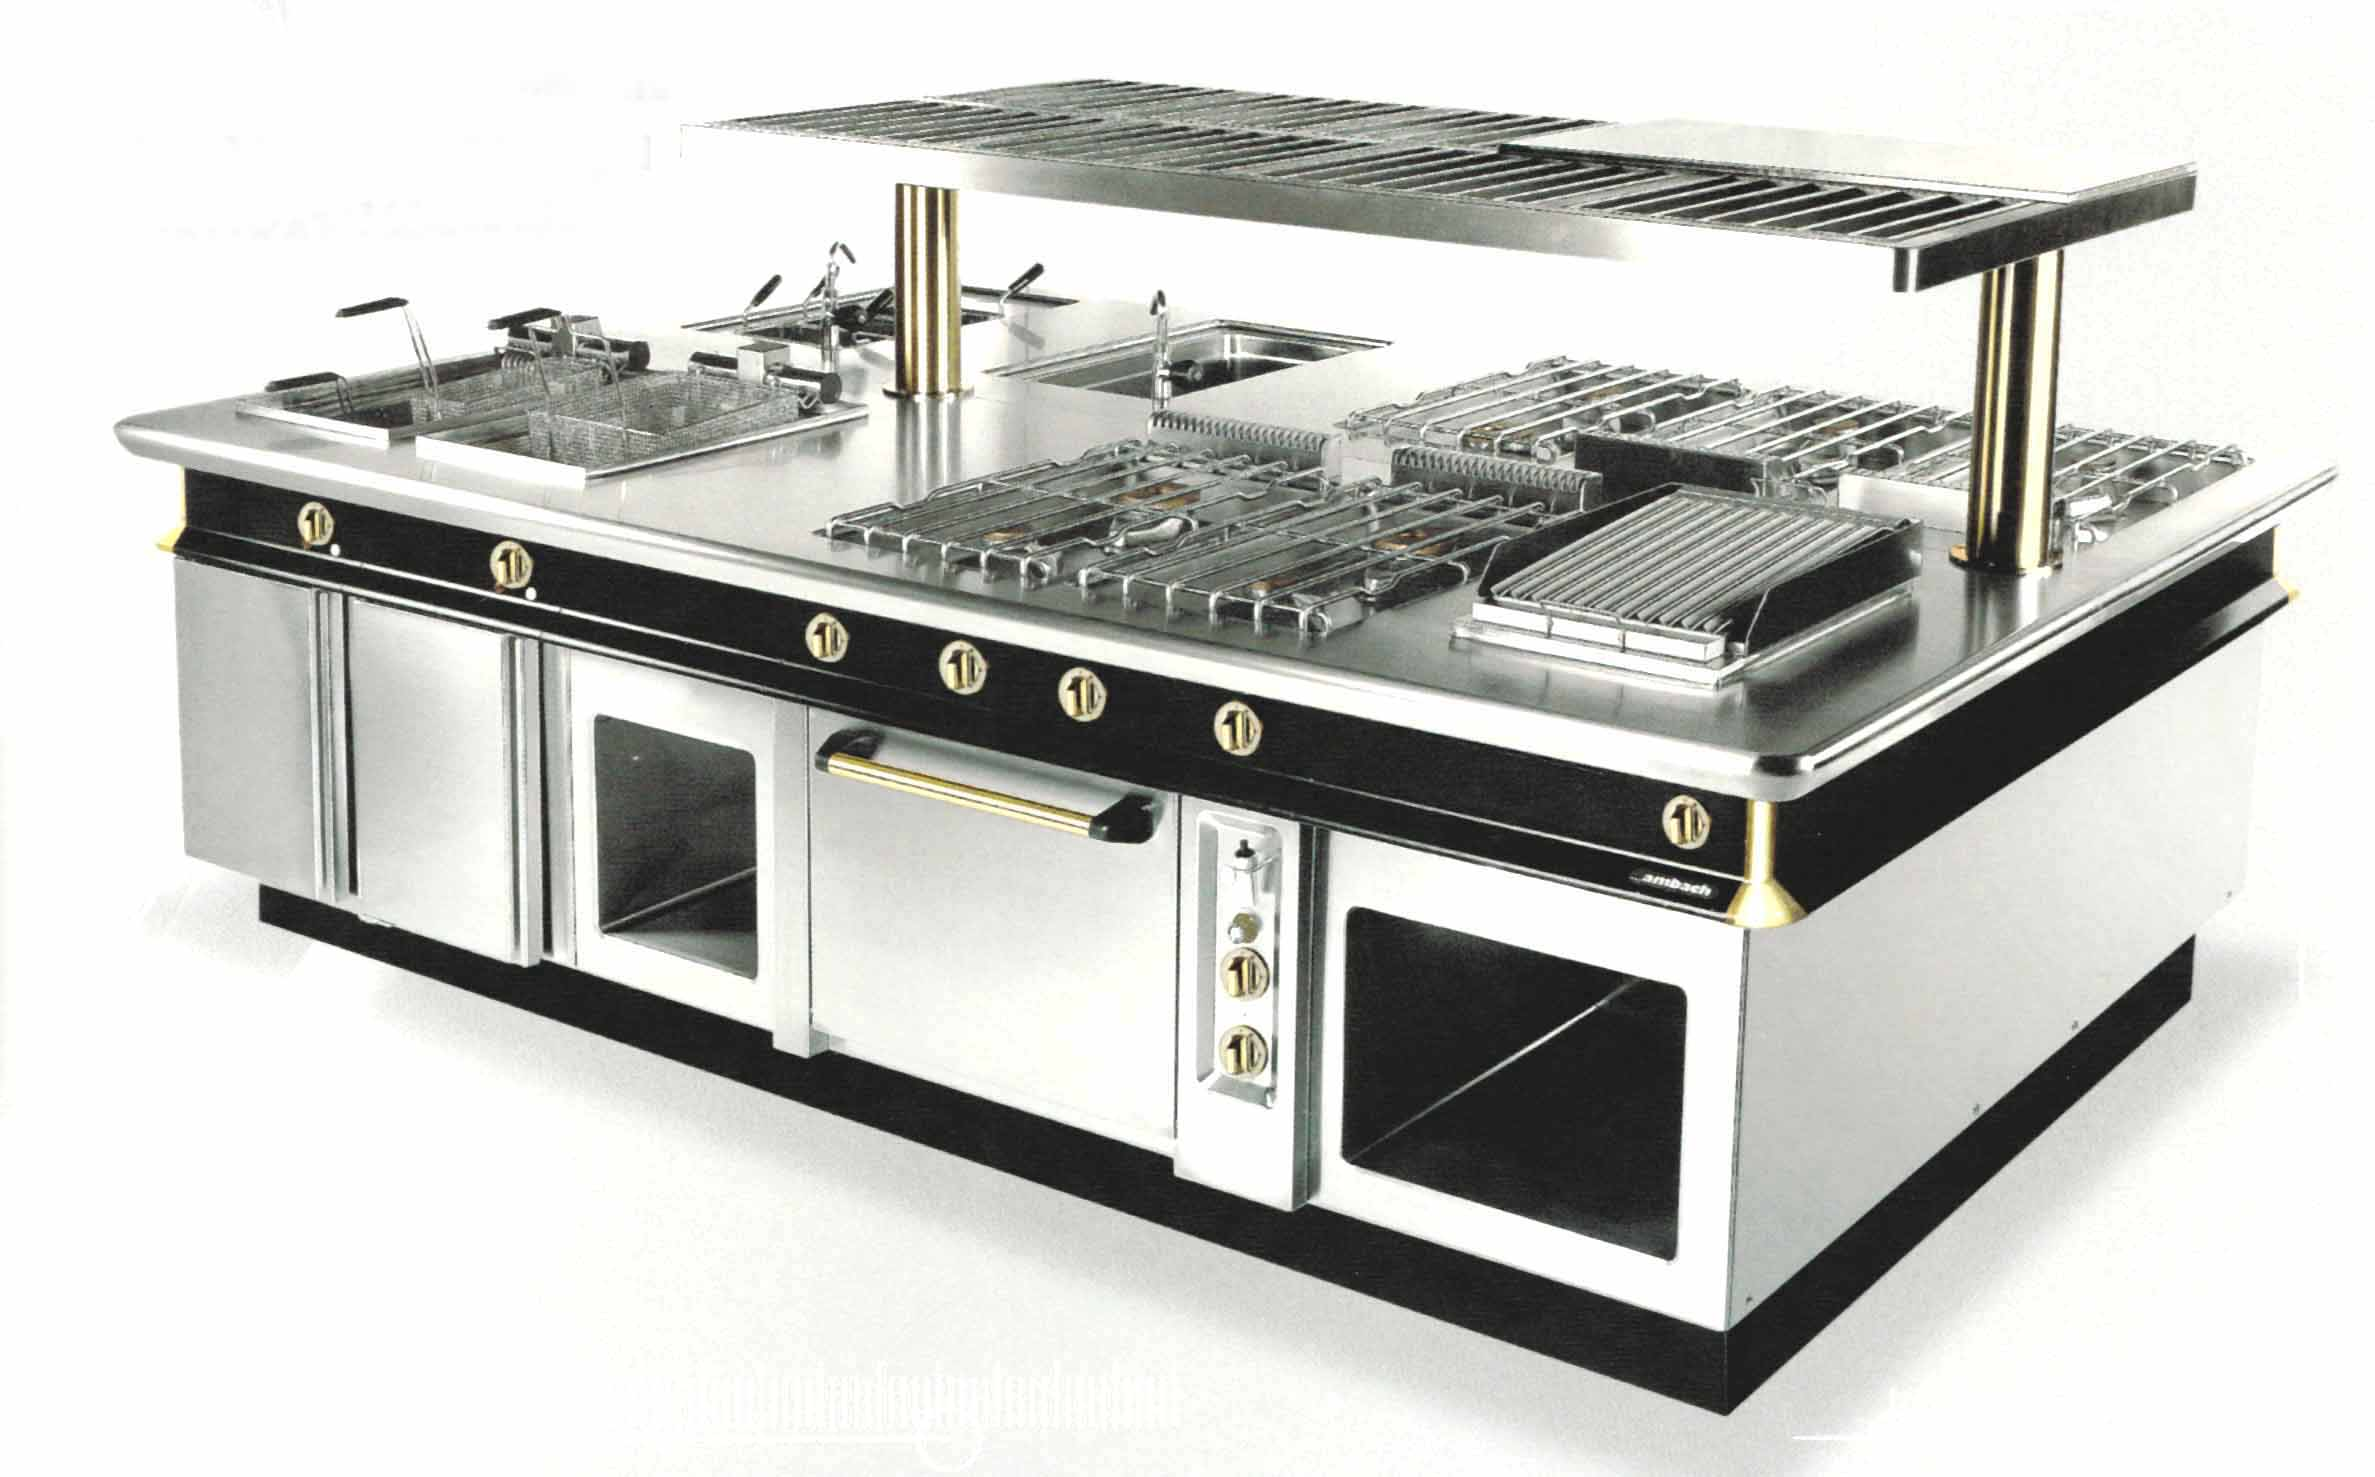 Arredamento ristoranti milano cucine professionali milano - Cucine industriali usate ...